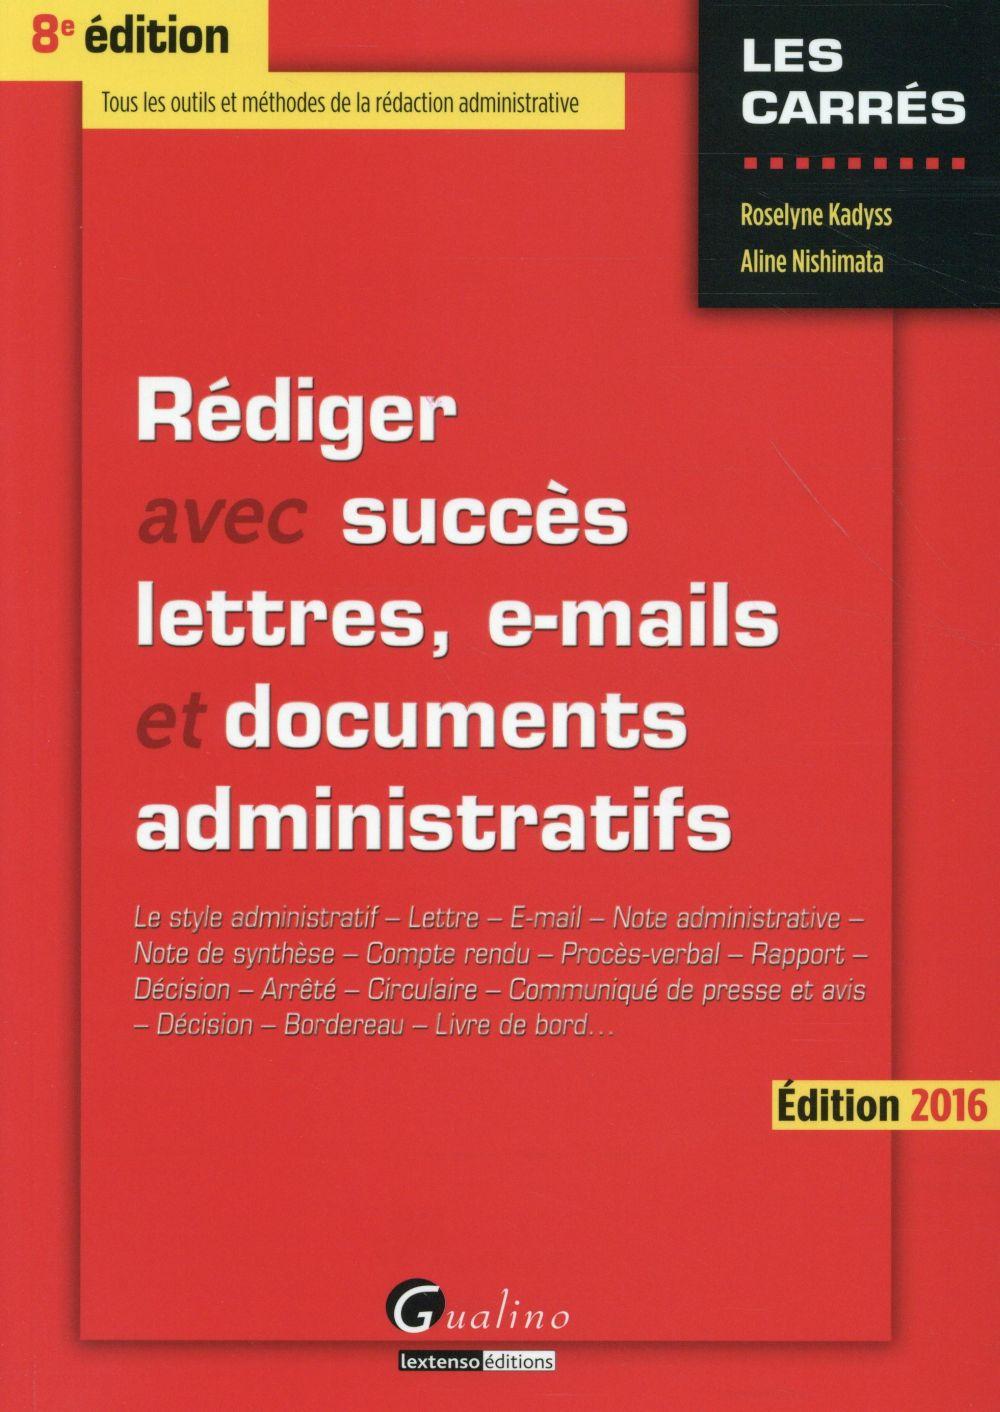 Rédiger avec succès lettres, e-mails et documents administratifs (édition 2016)